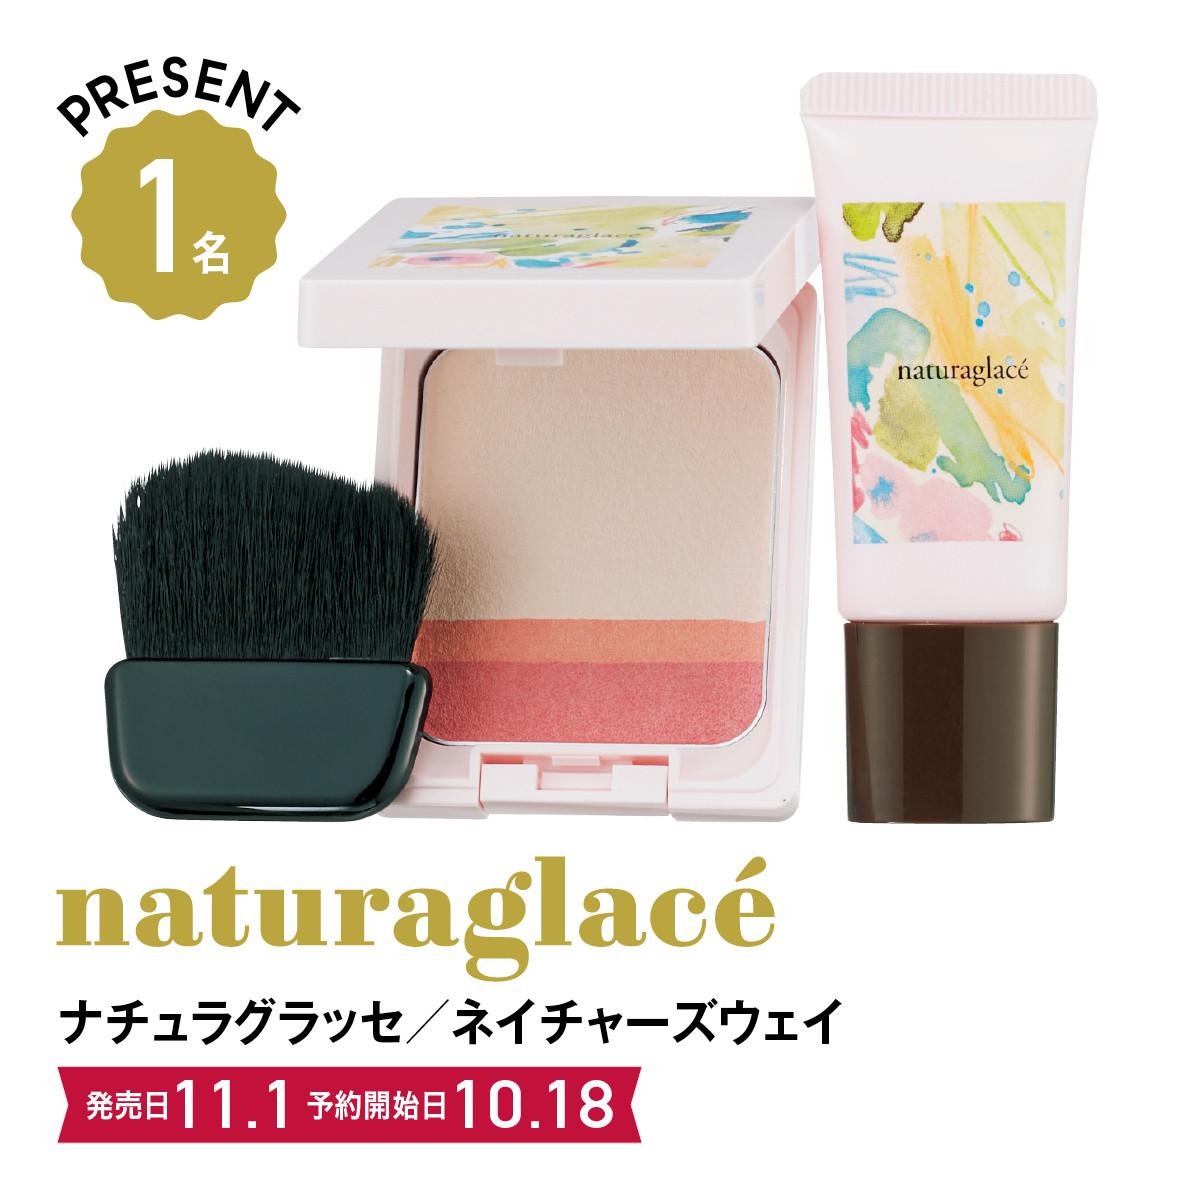 2019クリスマスコフレ&限定品:naturaglacé/ナチュラグラッセ